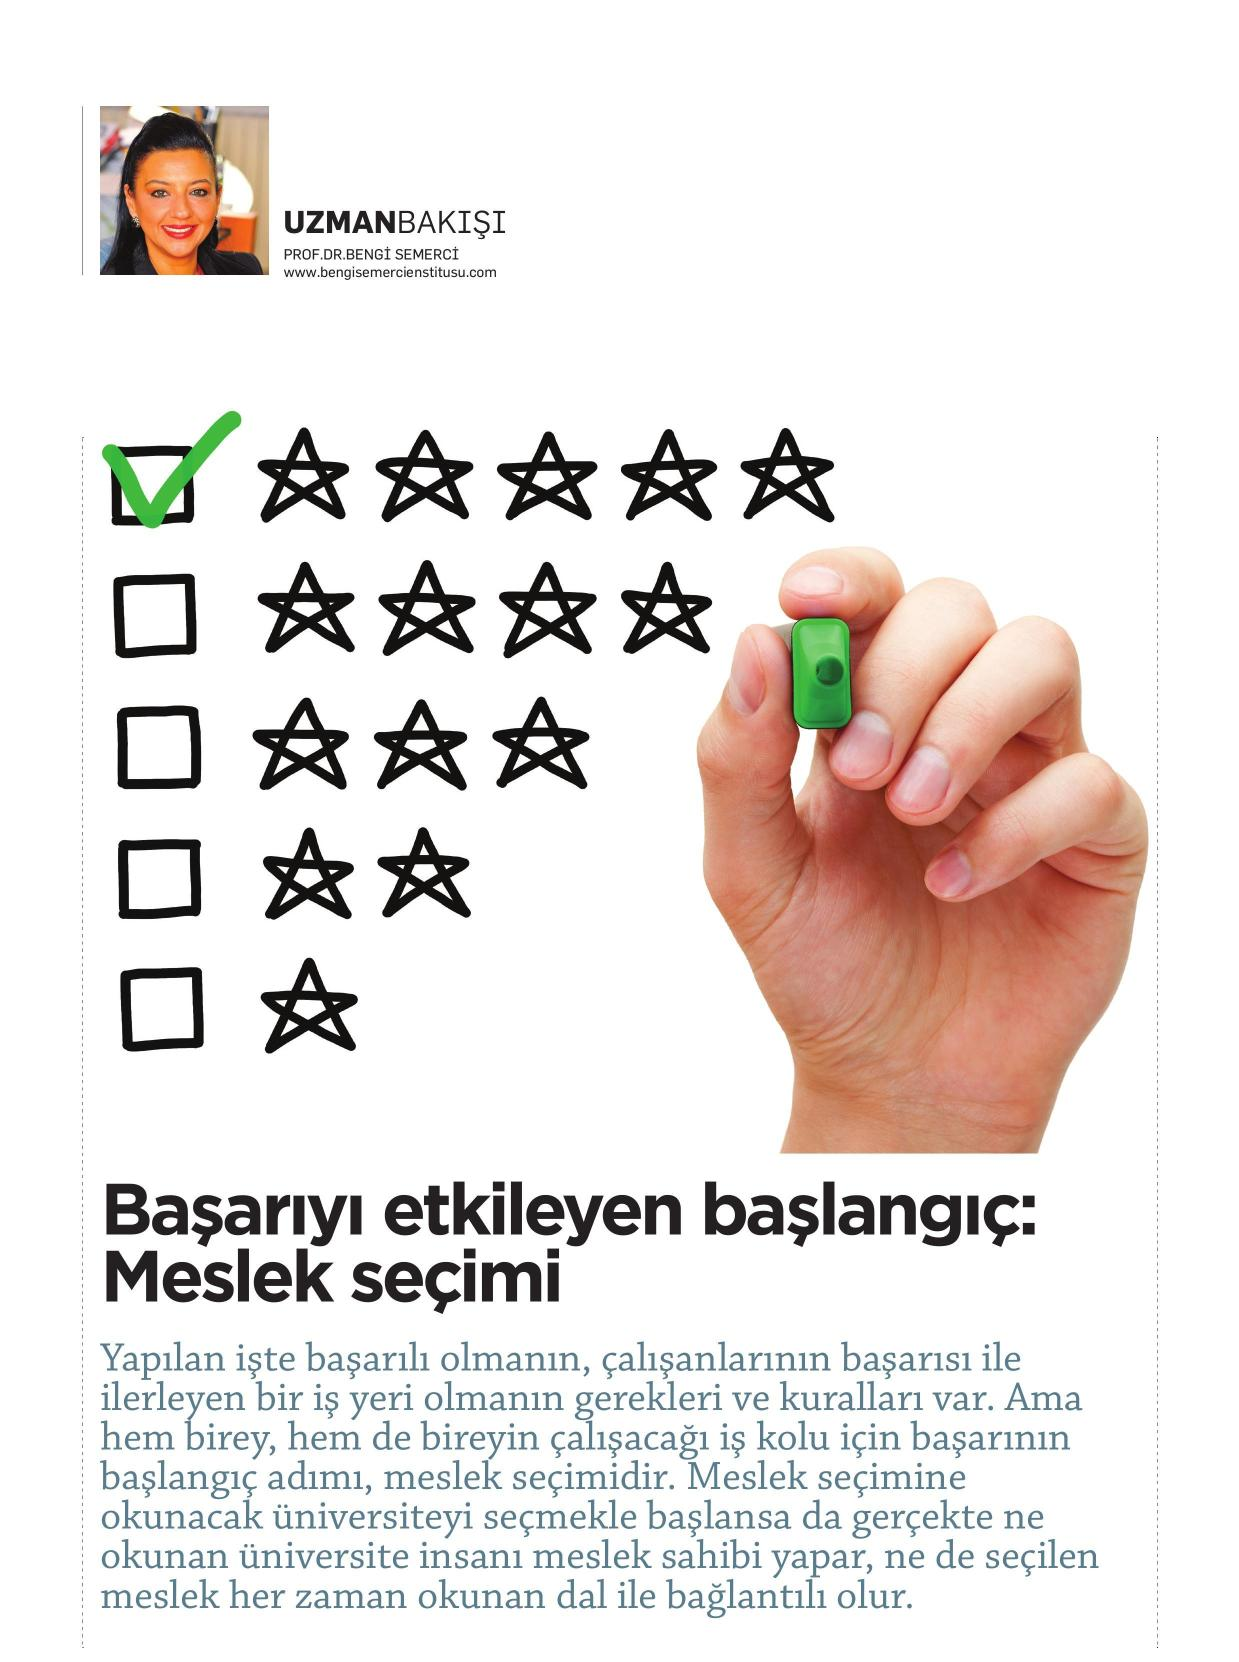 Başarıyı etkileyen başlangıç: Meslek seçimi - KARİYER 01.07.2014